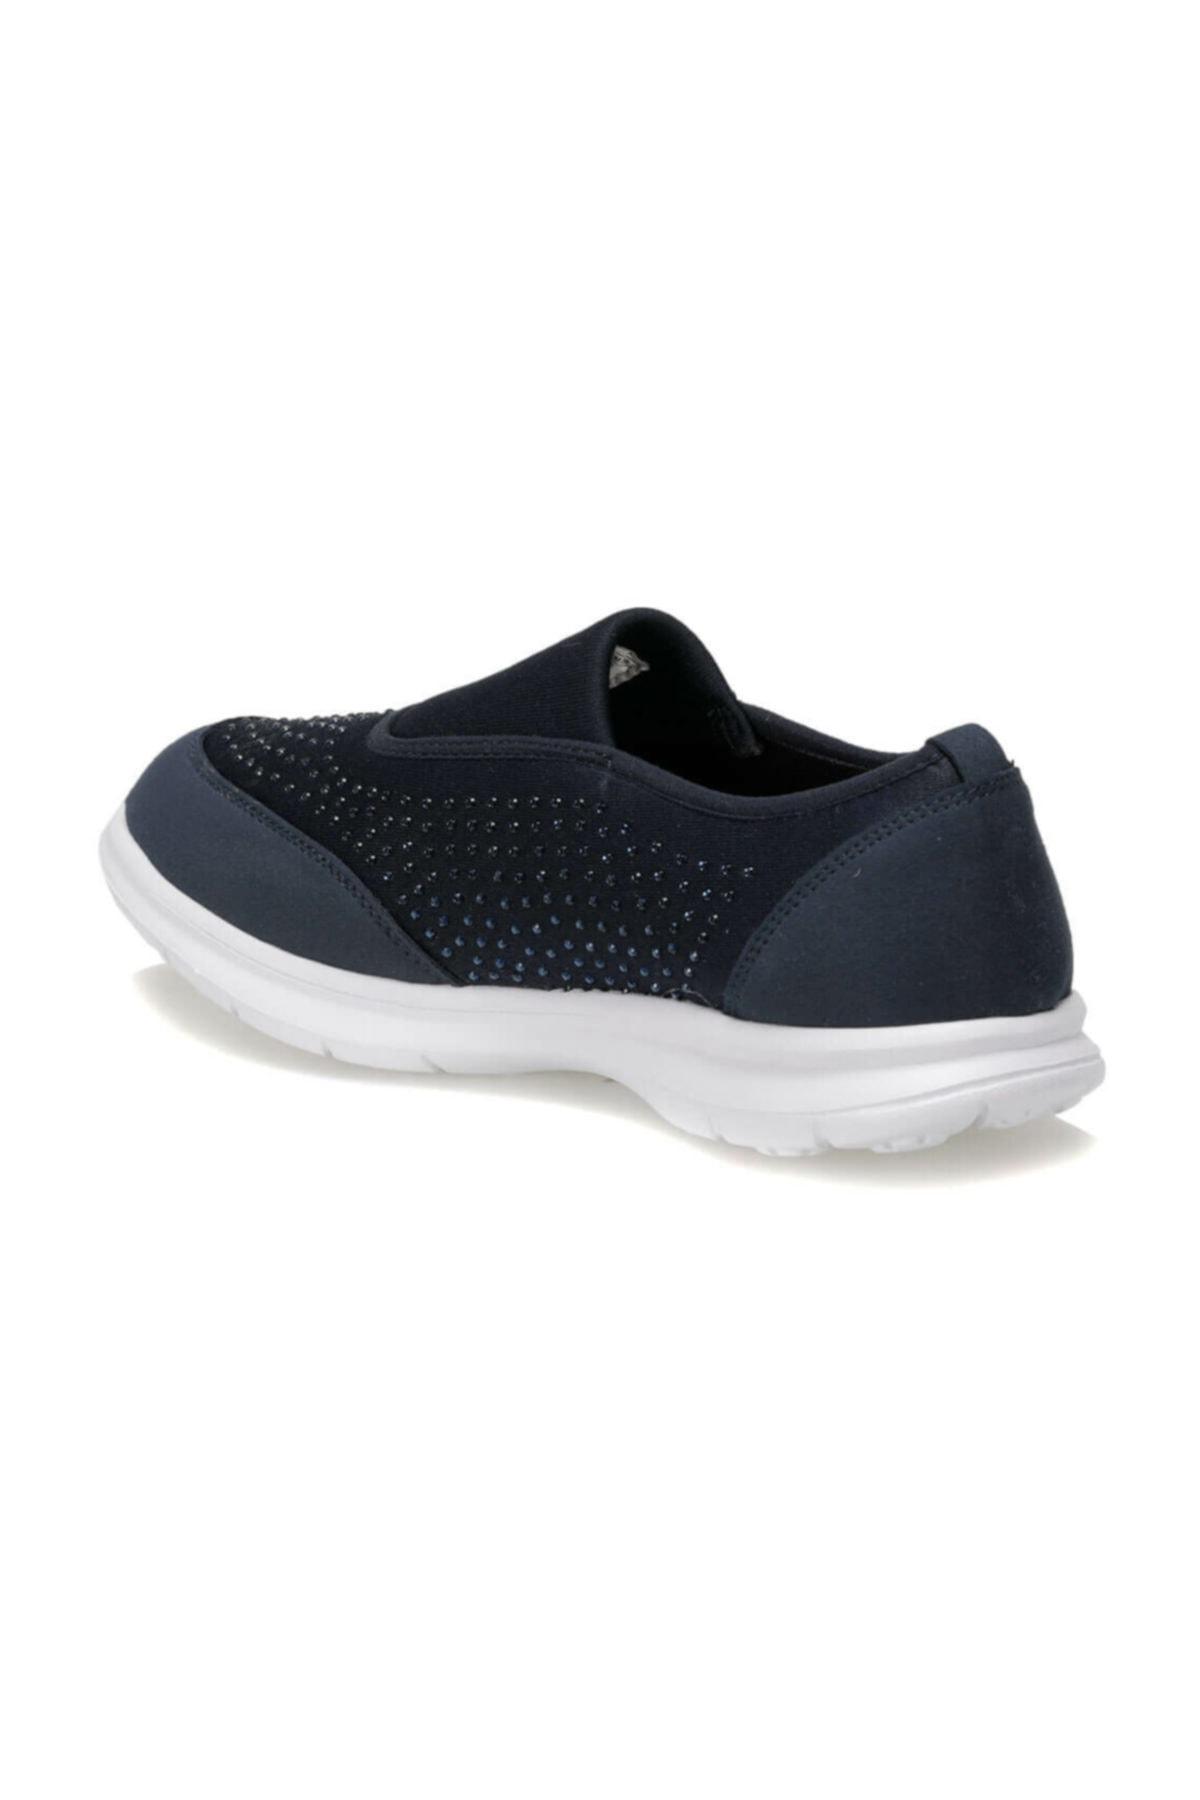 Butigo CS18116-19IY Lacivert Kadın Slip On Ayakkabı 100352232 2